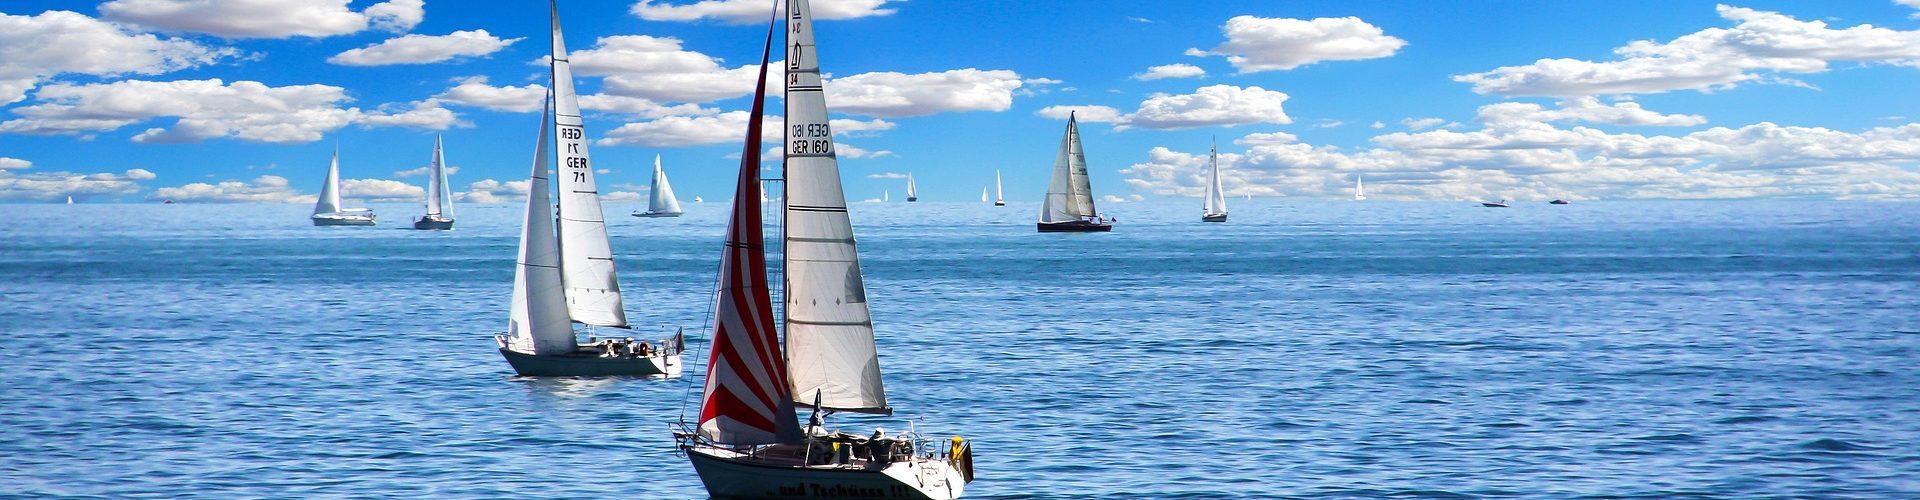 segeln lernen in Basdorf segelschein machen in Basdorf 1920x500 - Segeln lernen in Basdorf